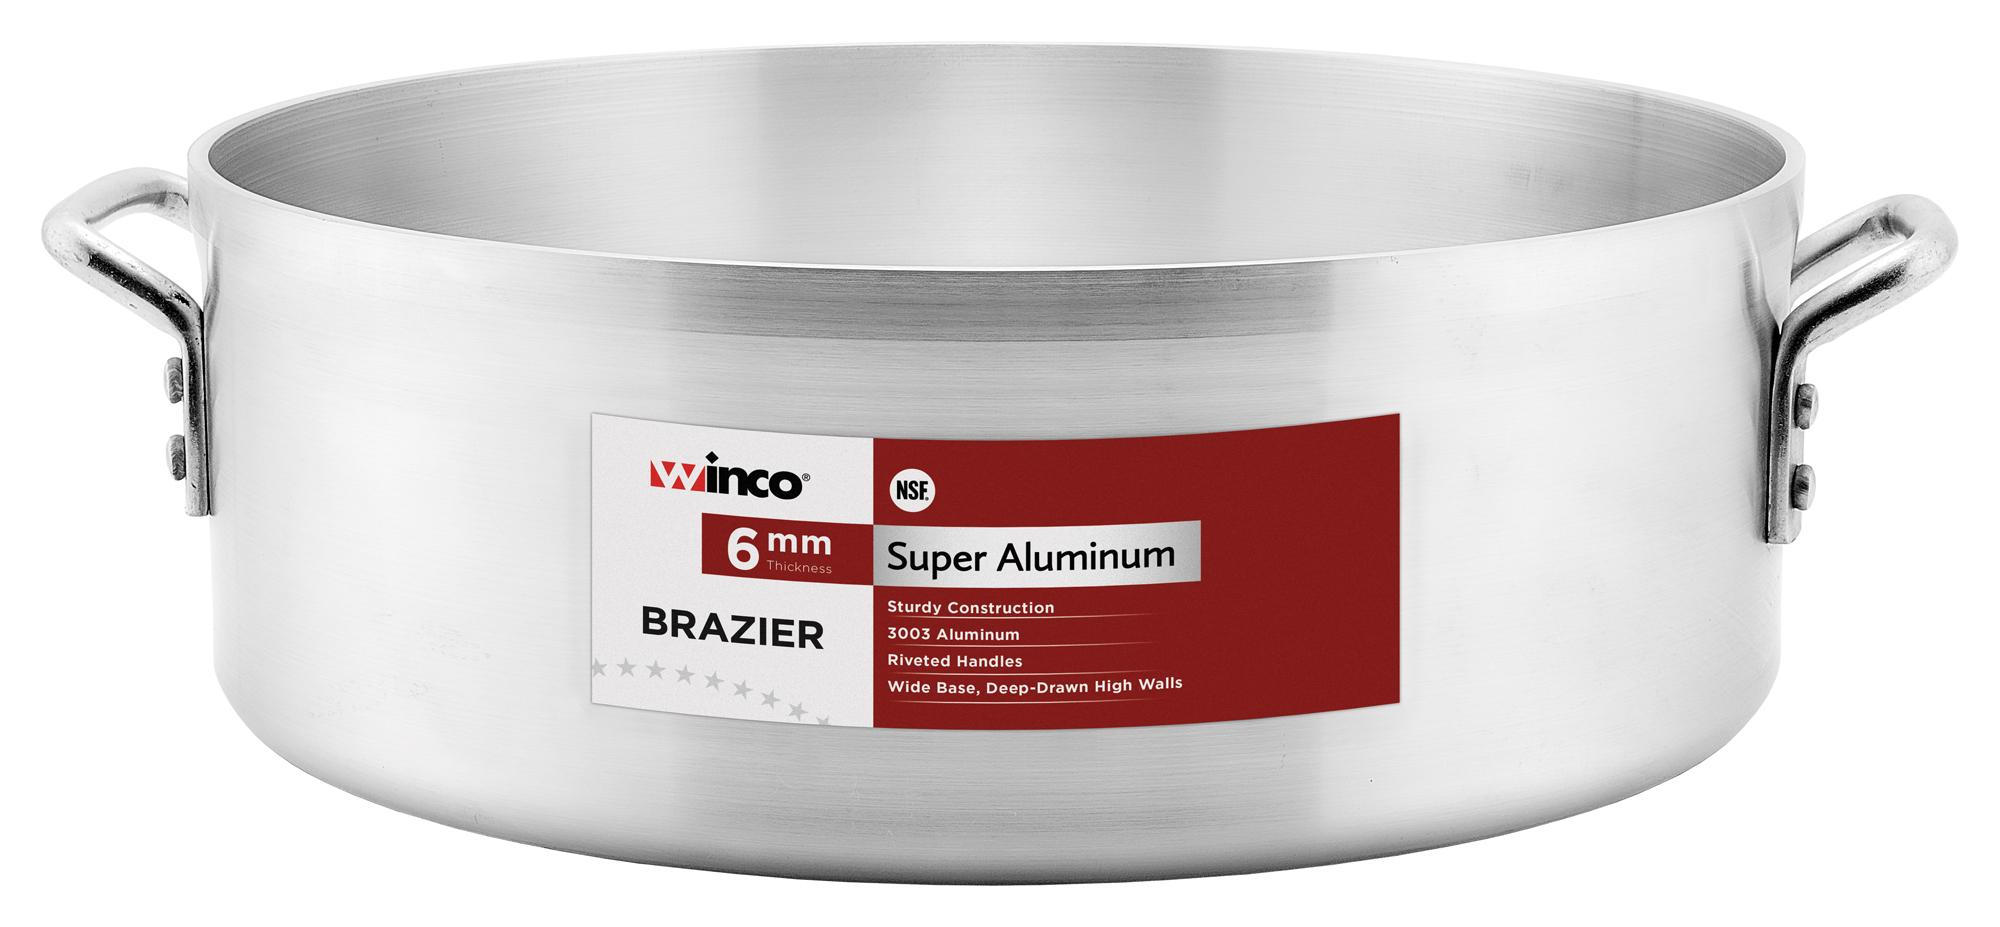 Winco AXHB-40 brazier